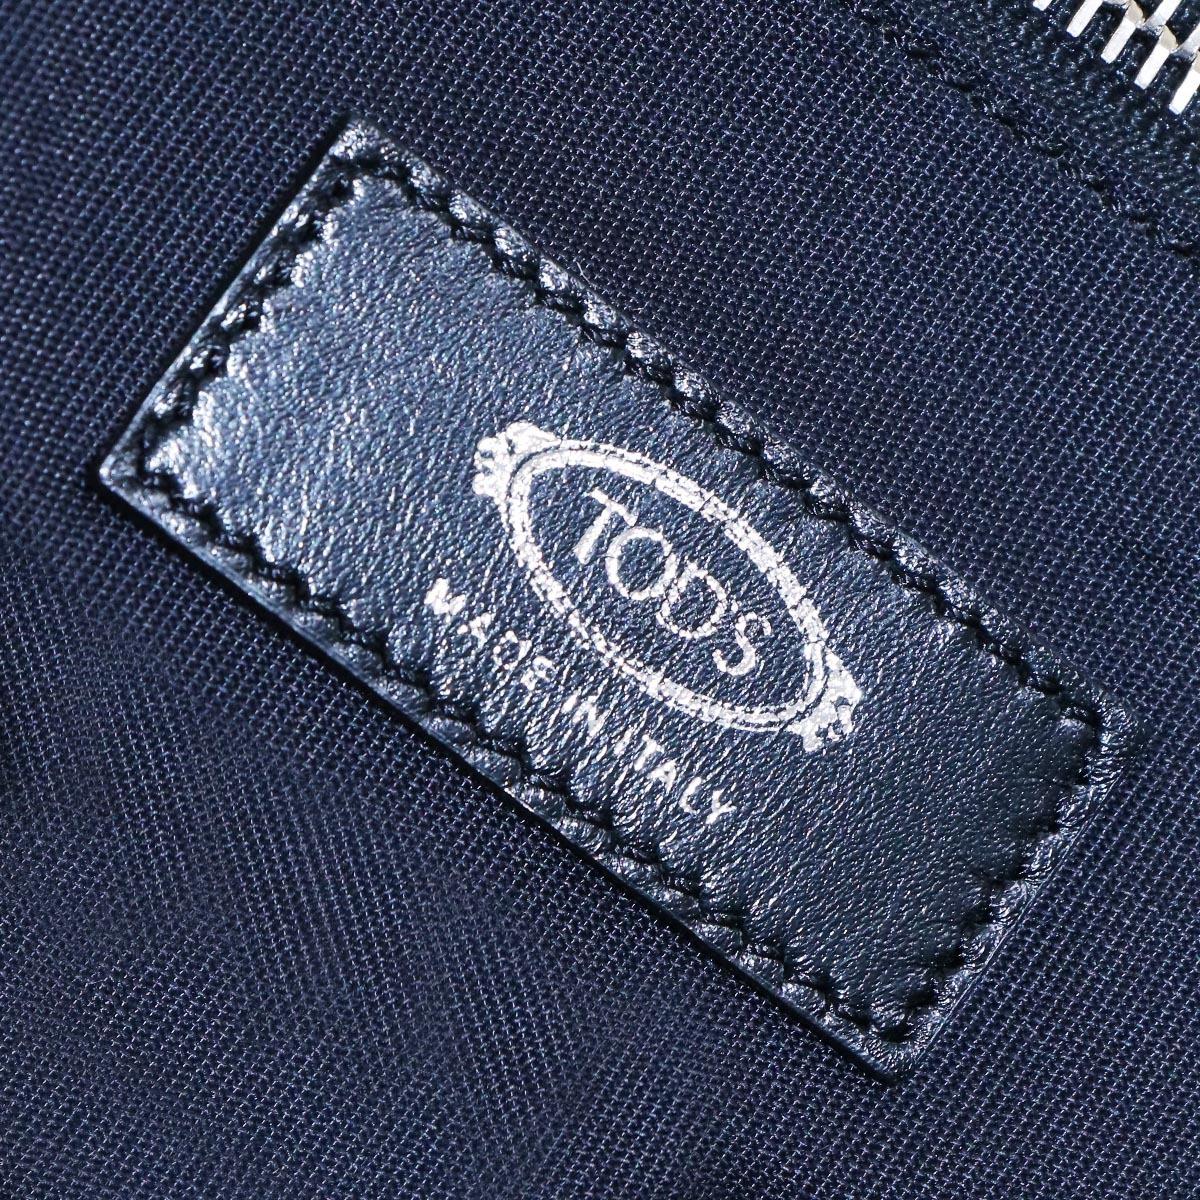 本物 新品同 トッズ 絶盤 メンズランウェイ限定 ゴンミーニ 2WAYメンズビジネスバッグ ブラック A4書類ブリーフケース トートバッグ TODS_画像9